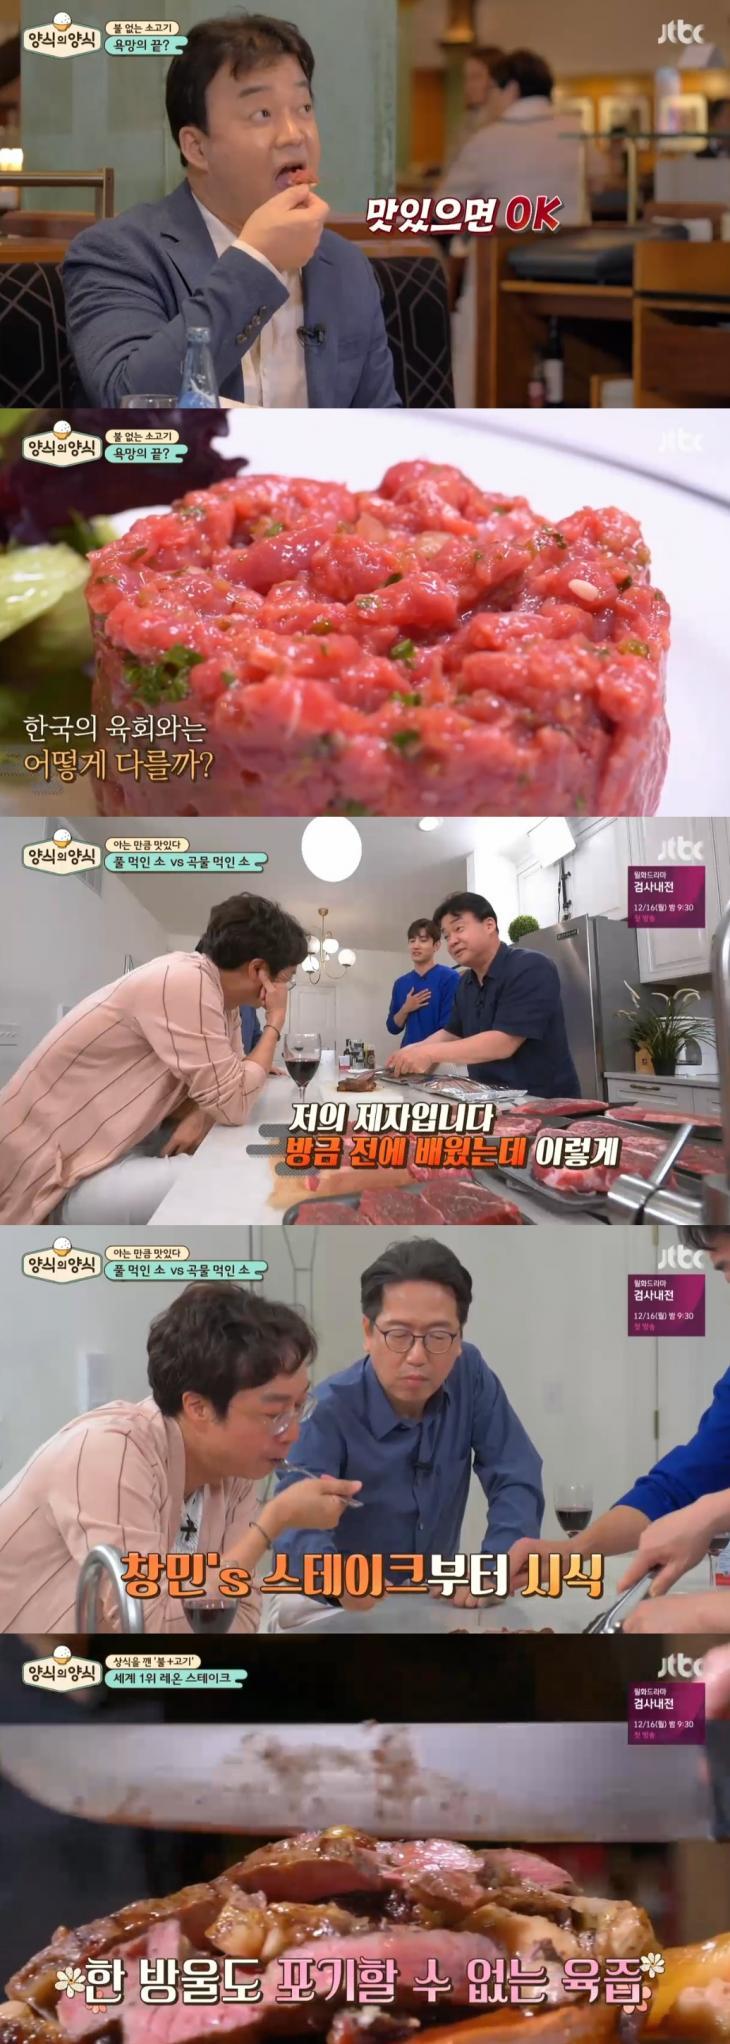 JTBC 시사교양 프로그램 '양식의 양식'